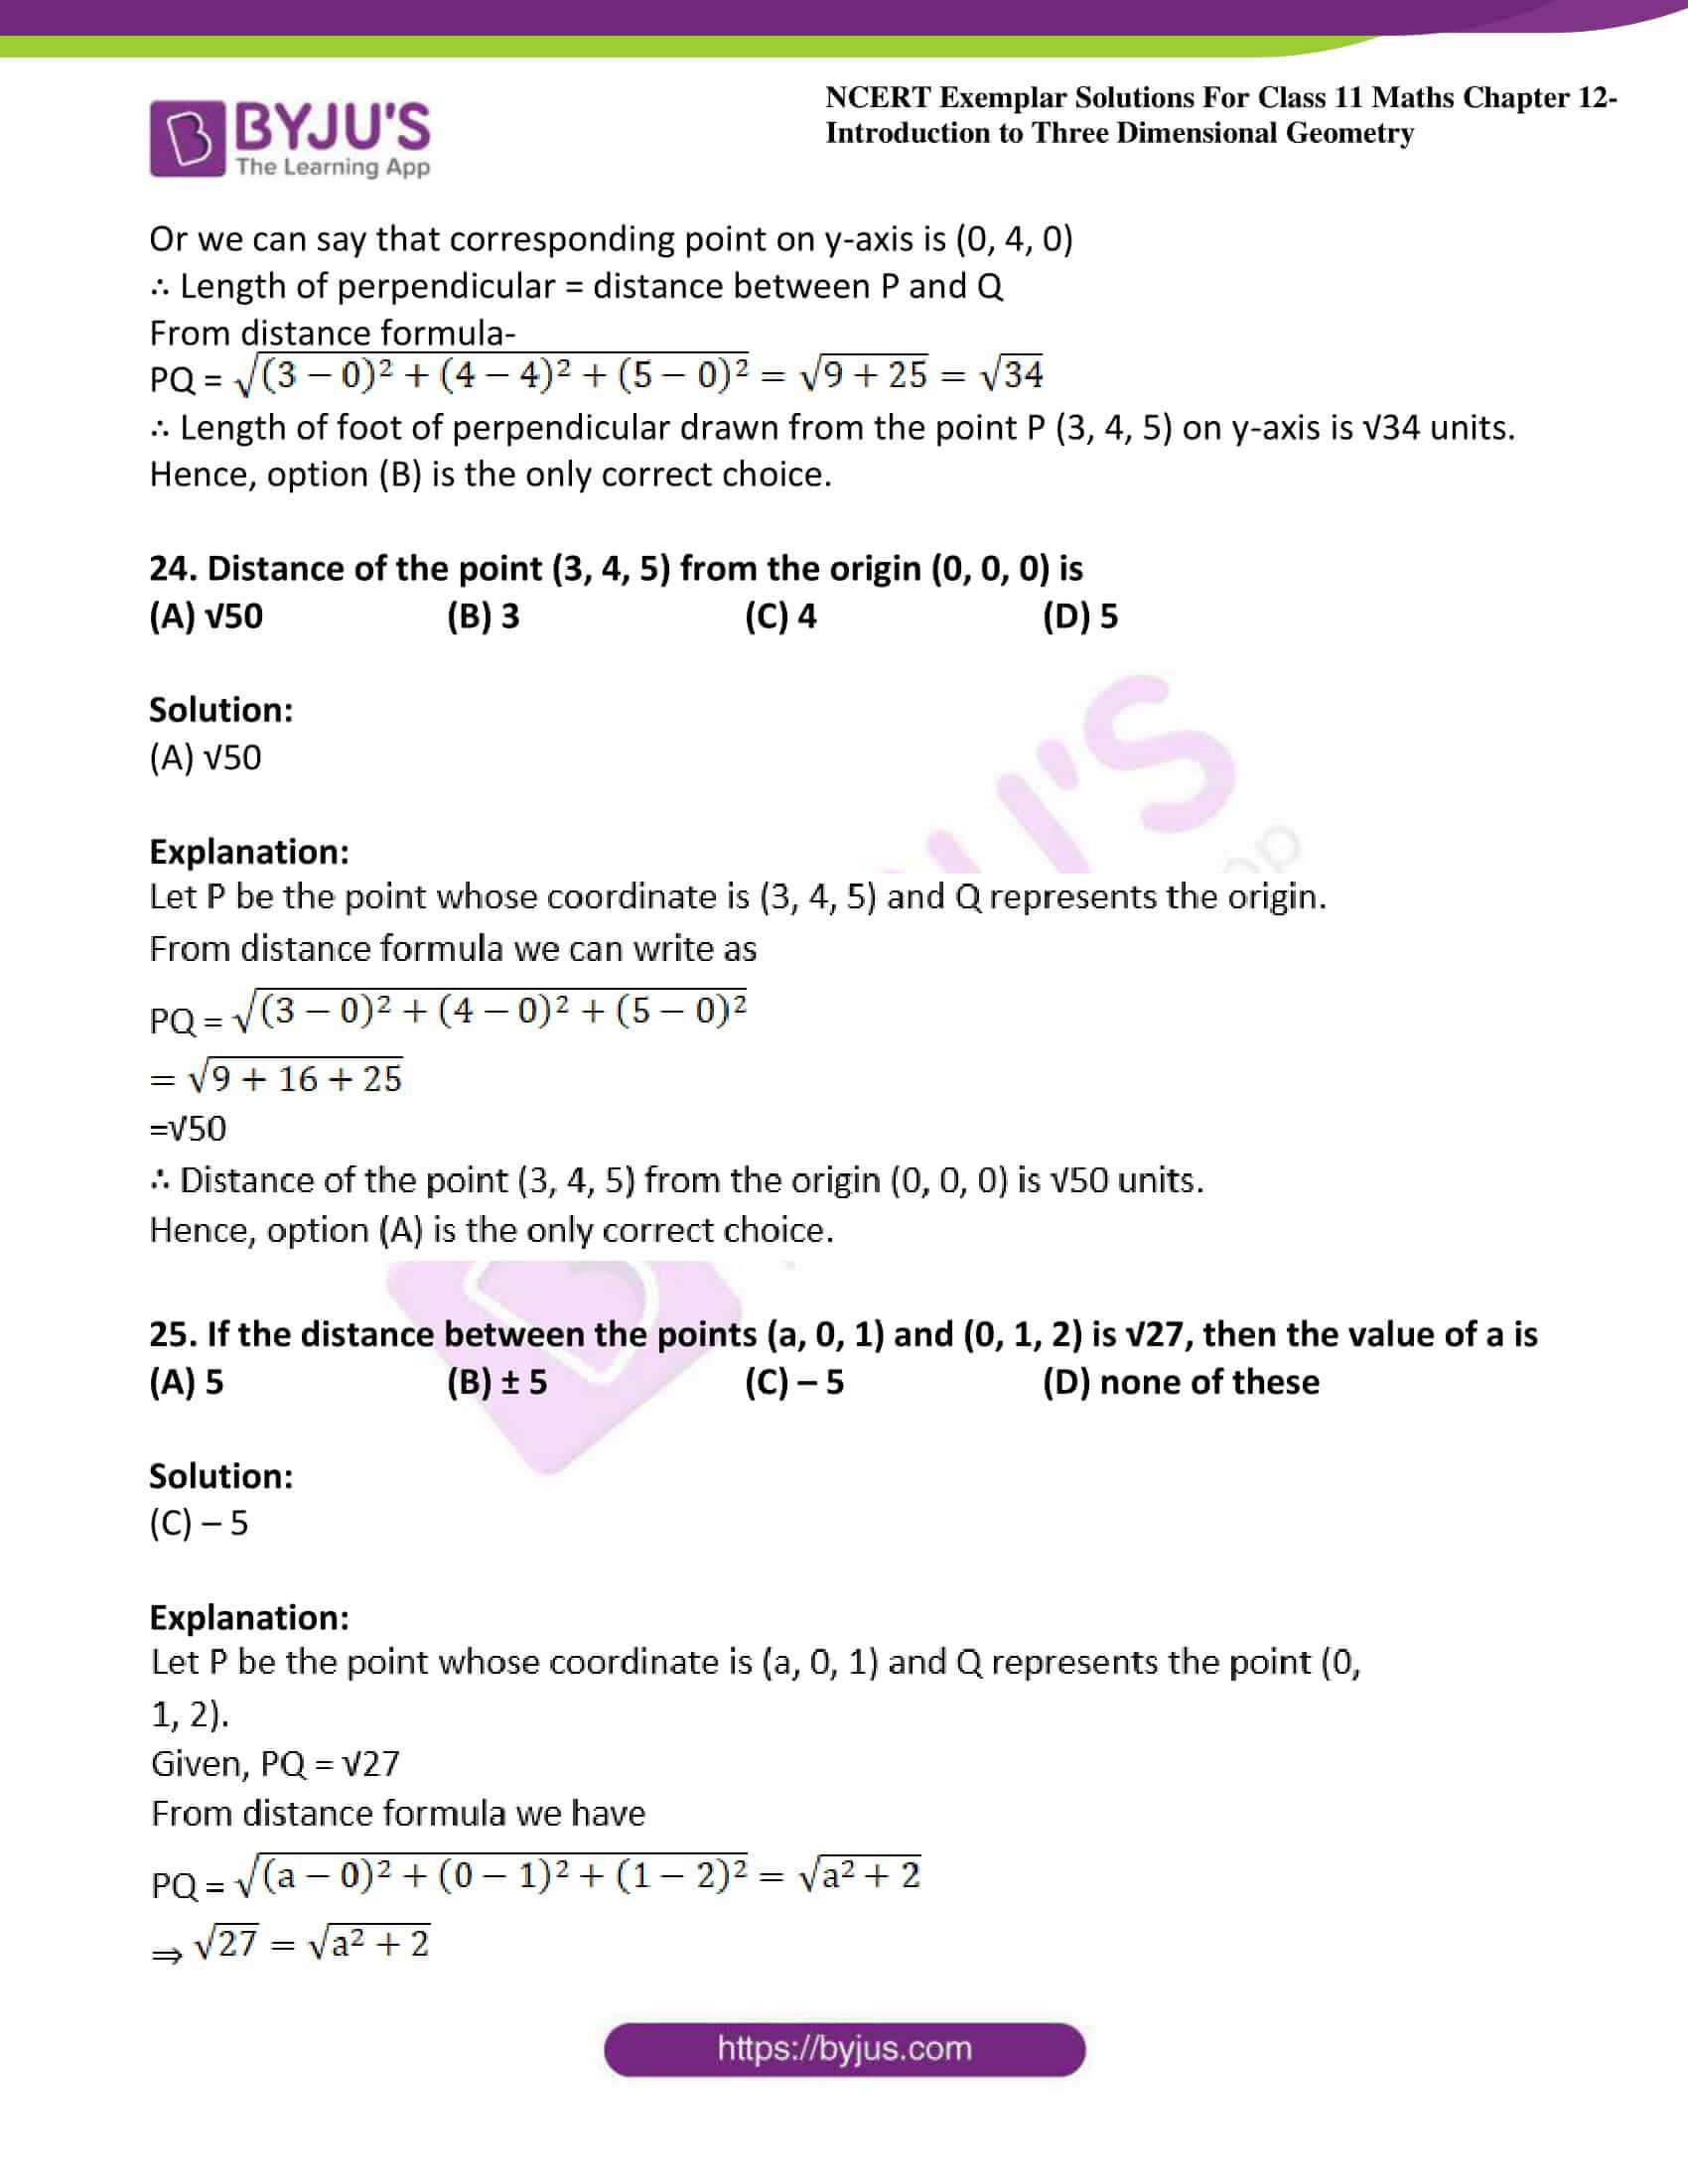 ncert exemplar sol class 11 maths chpt 12 three dimensional 13